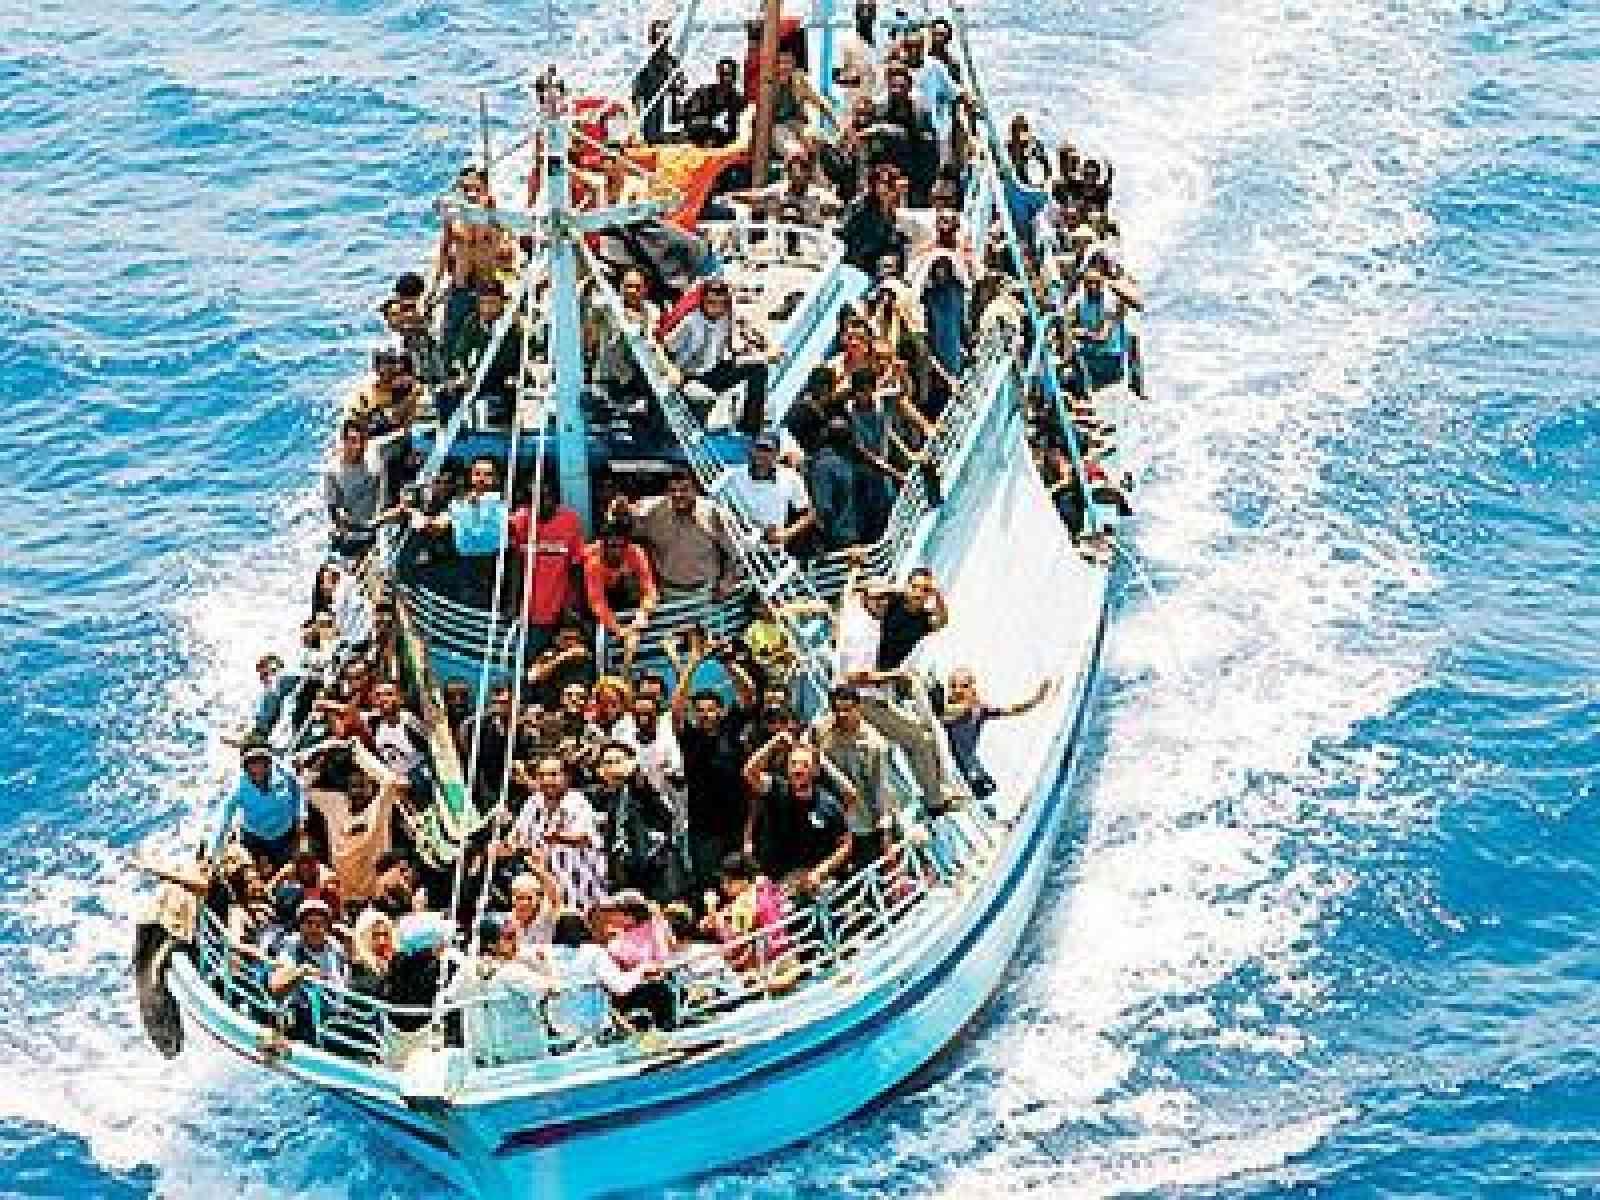 Altra tragedia nel mare di Sicilia. Si ribalta barcone di migranti, forse 700 morti